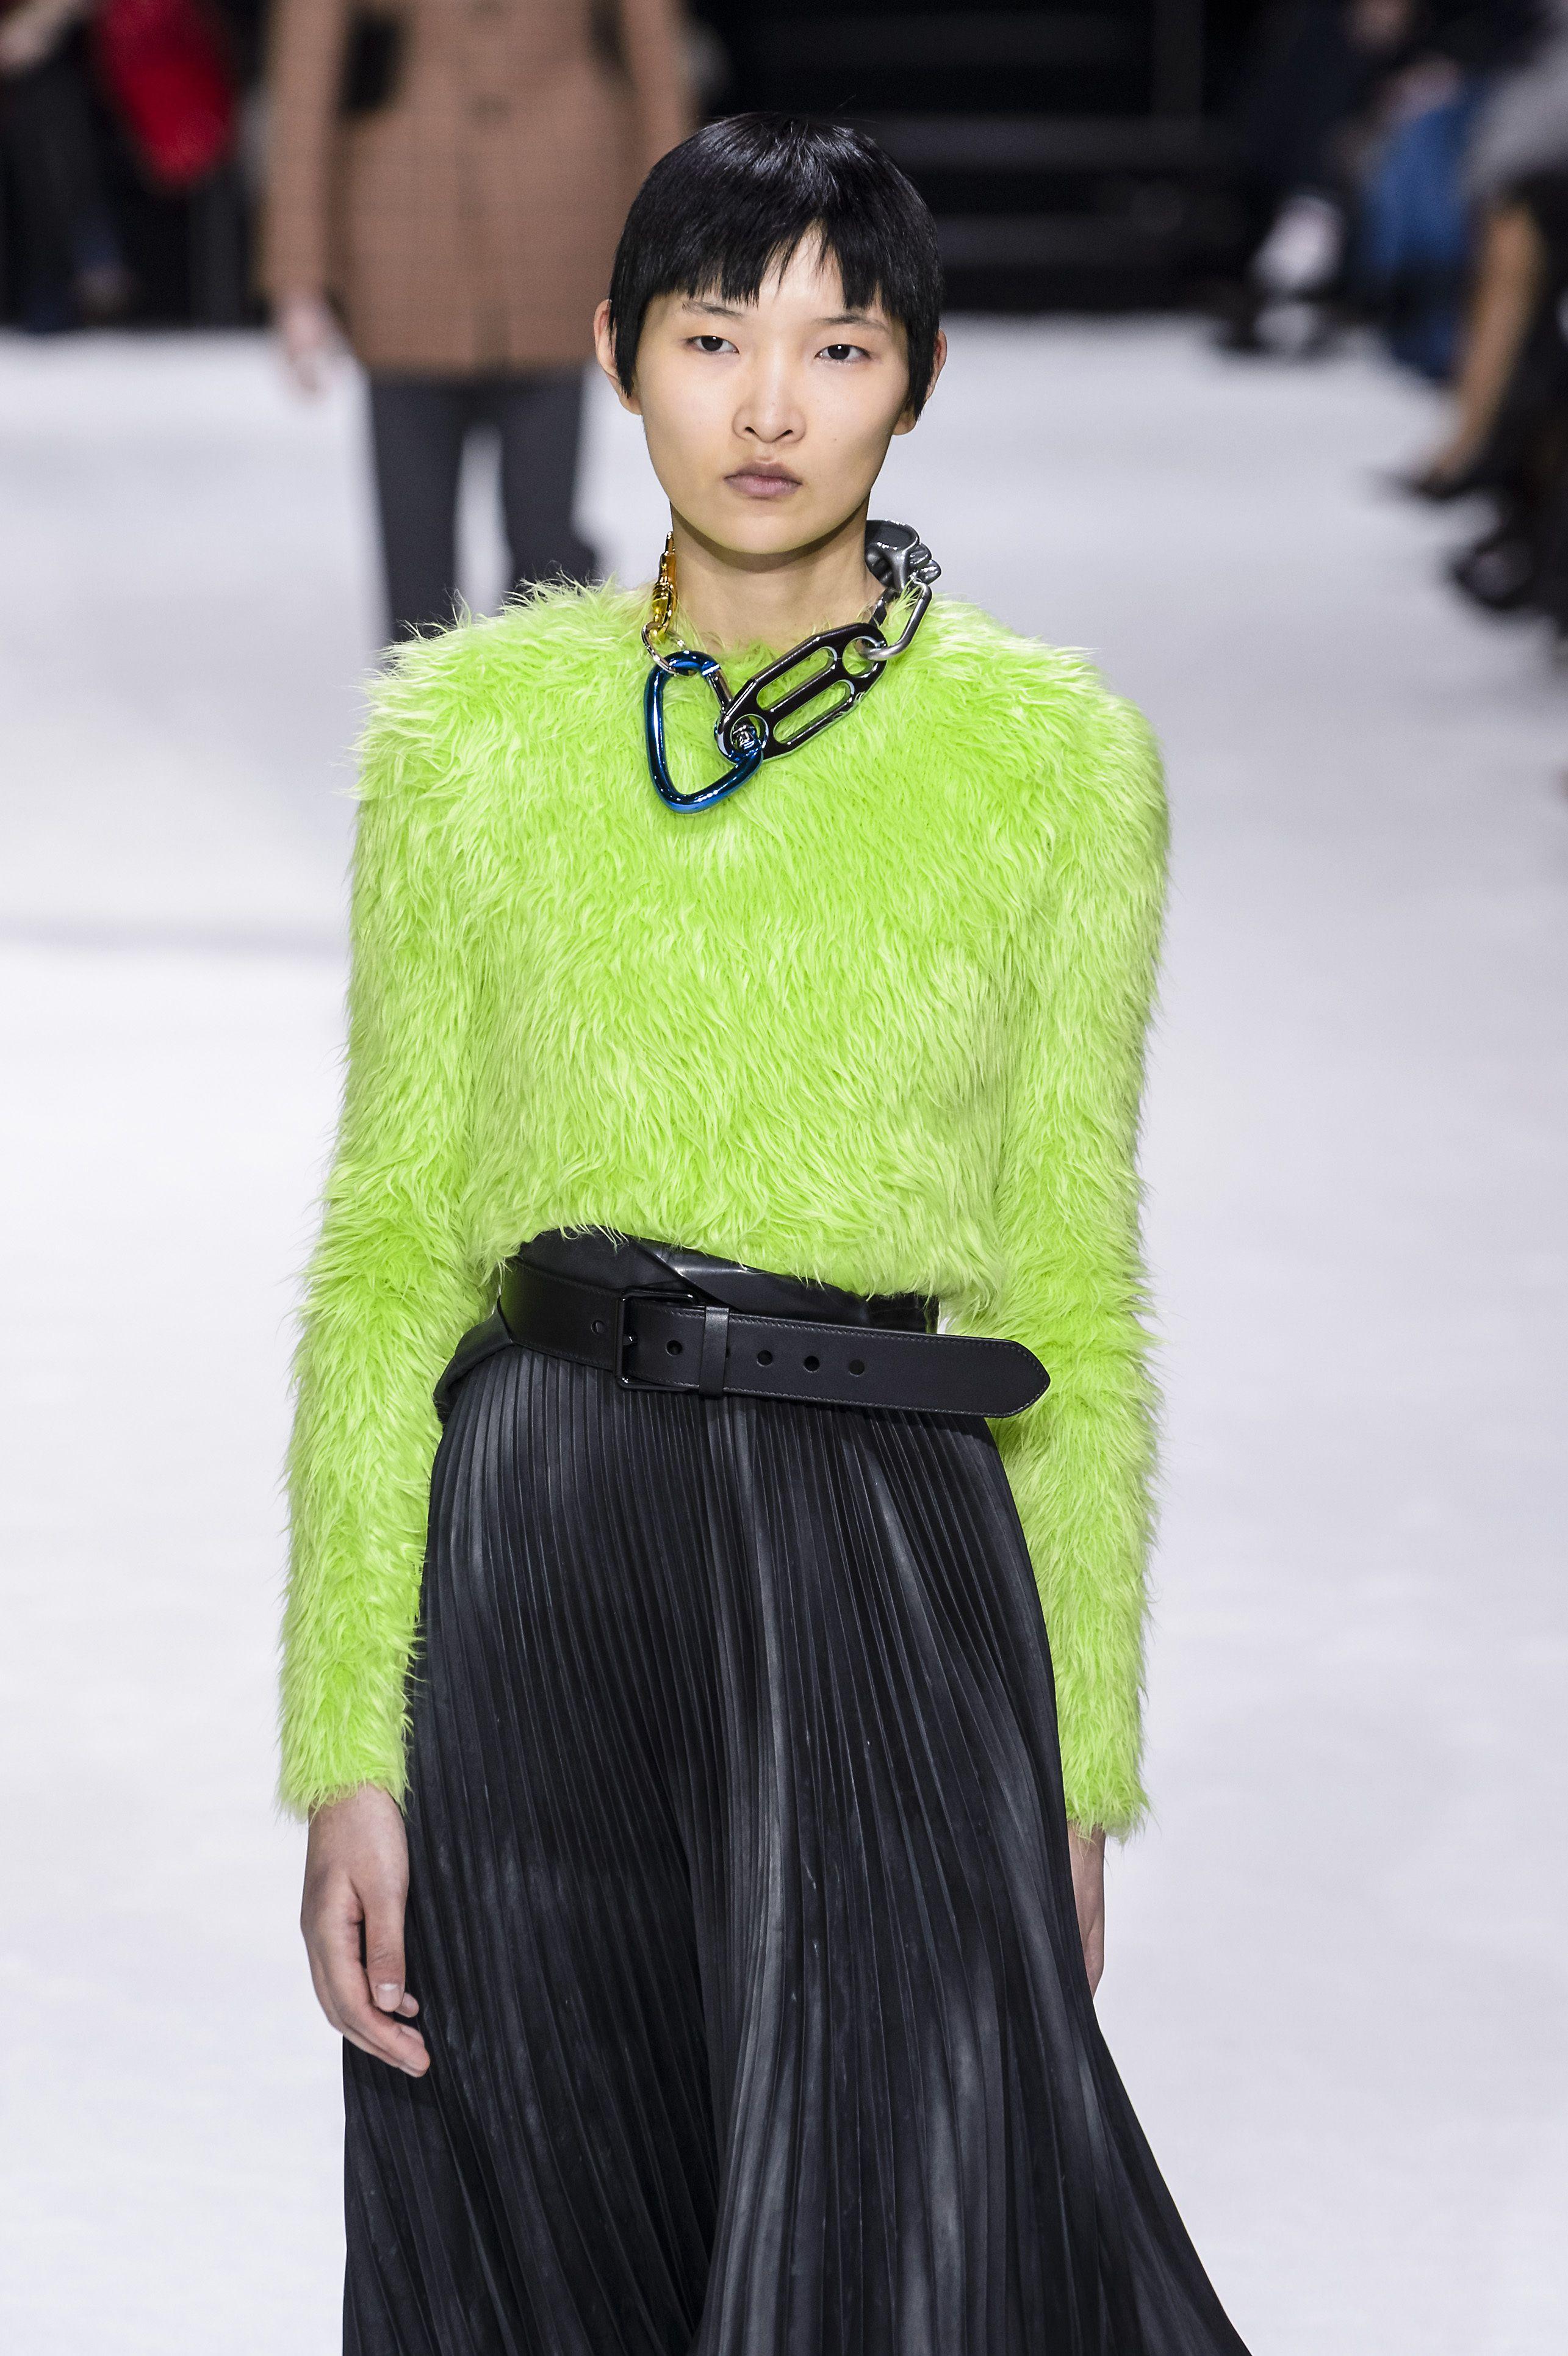 colori neon 2018, colori moda 2018, colori moda 2019, colori di tendenza autunno 2018, come abbinare i colori nell'abbigliamento